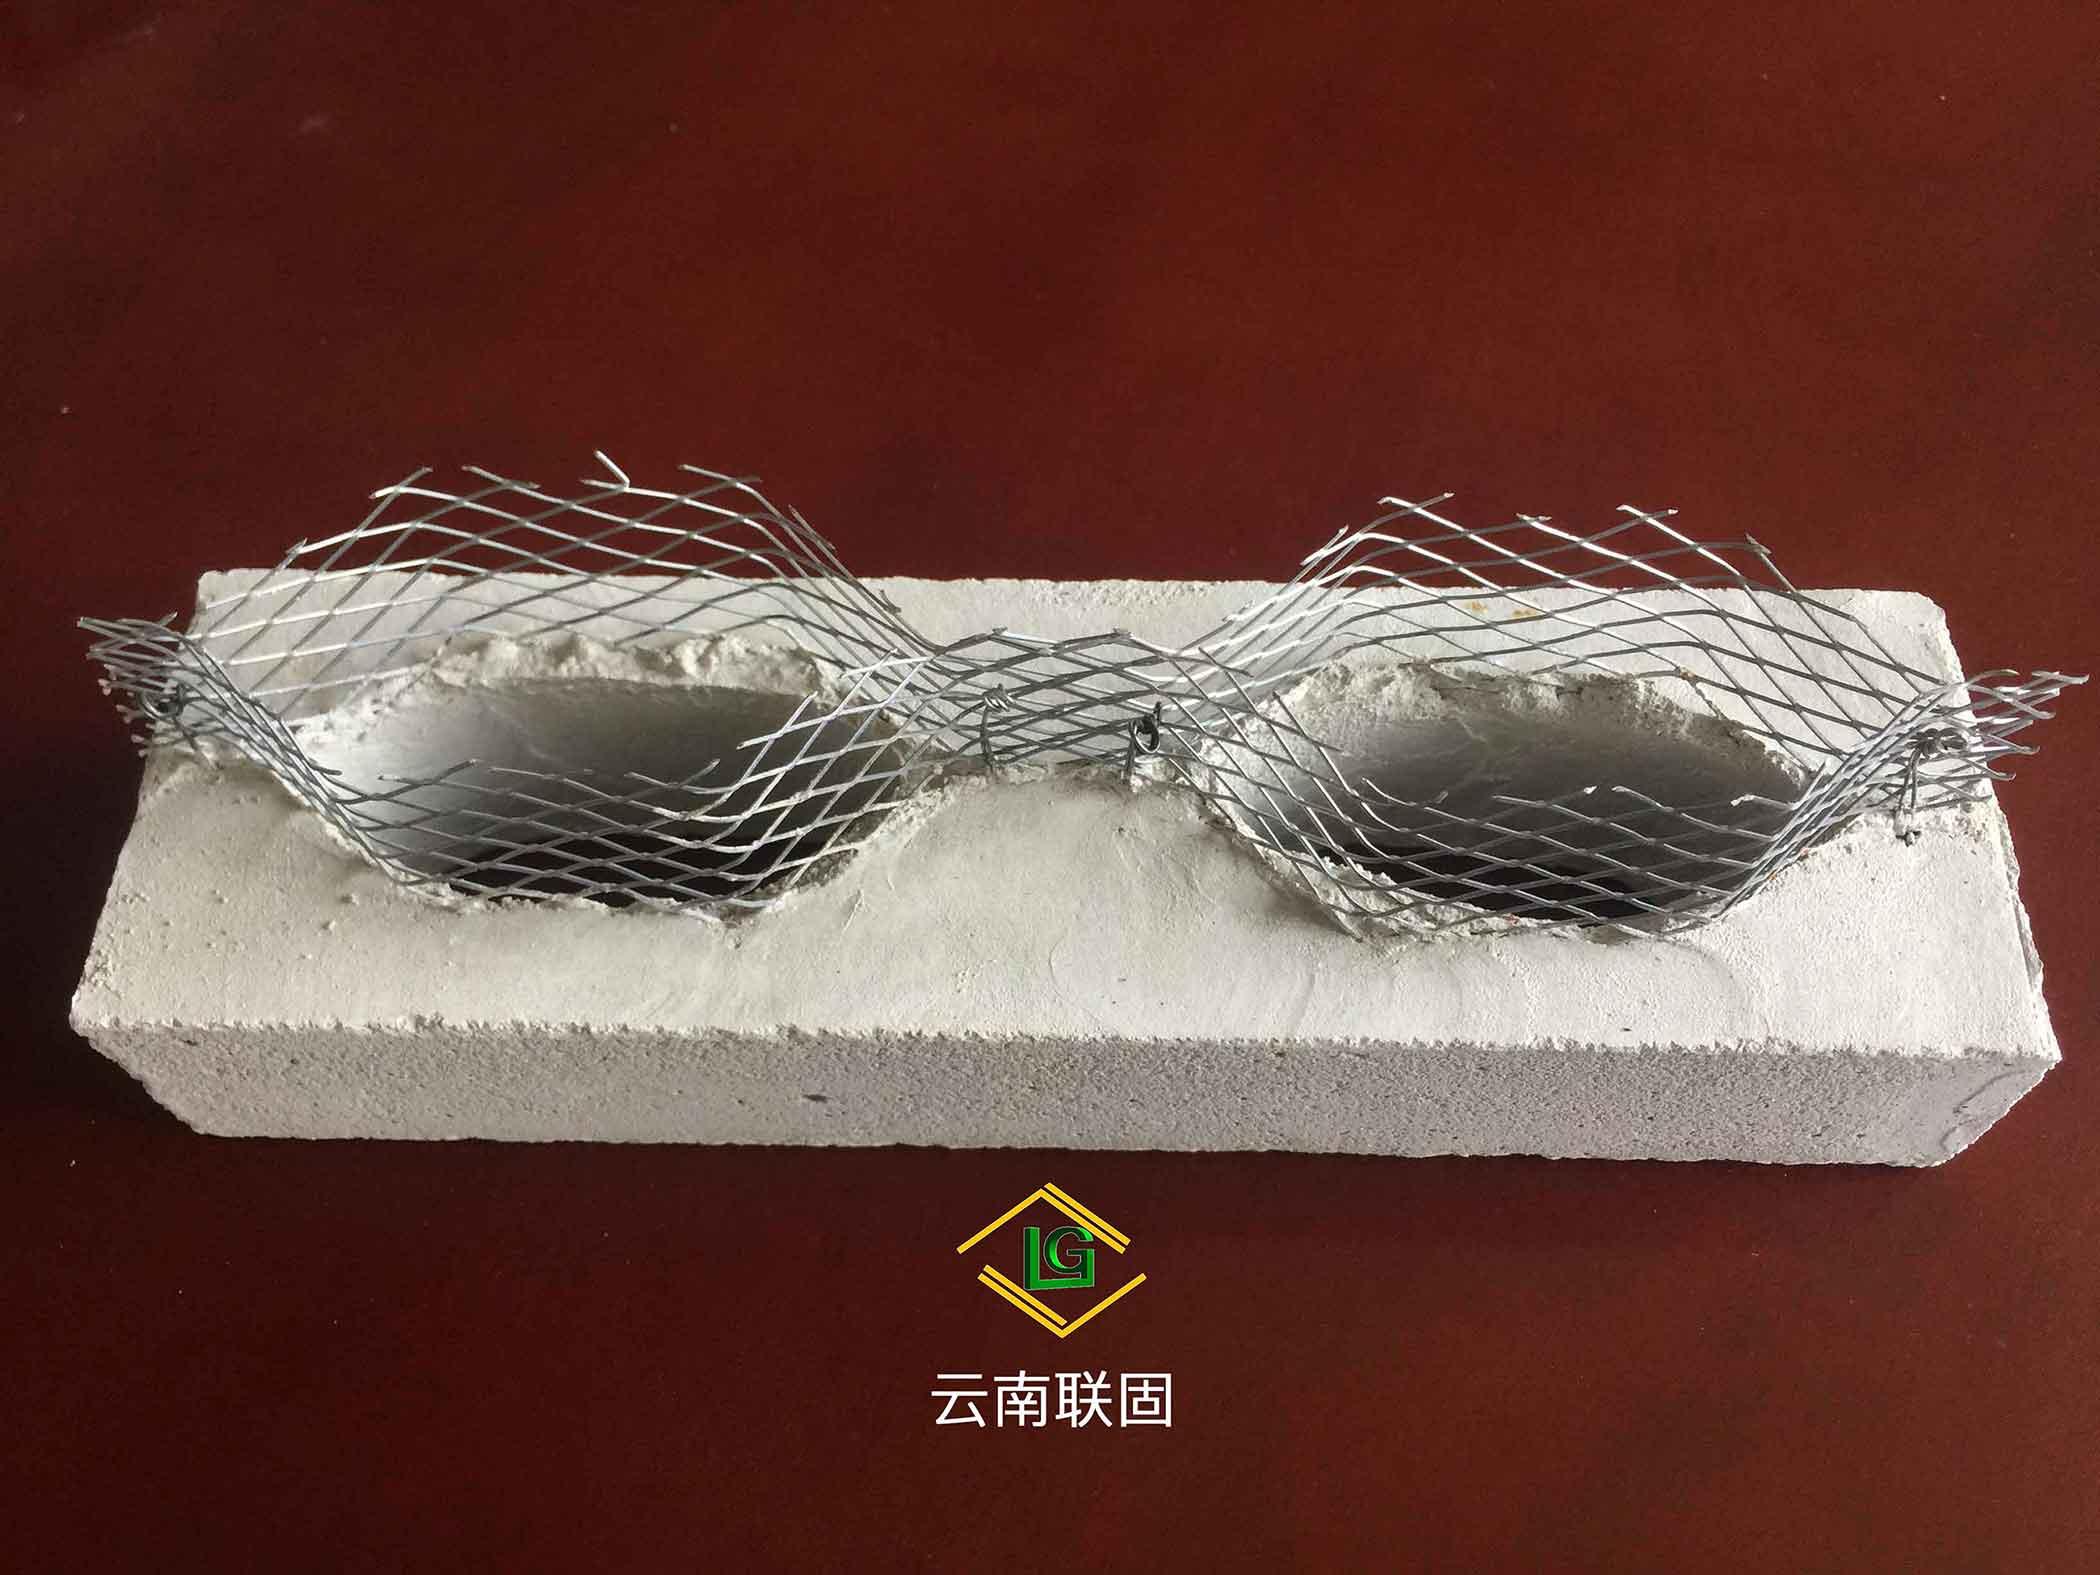 昆明销售中空内模金属网轻质隔墙生产工艺